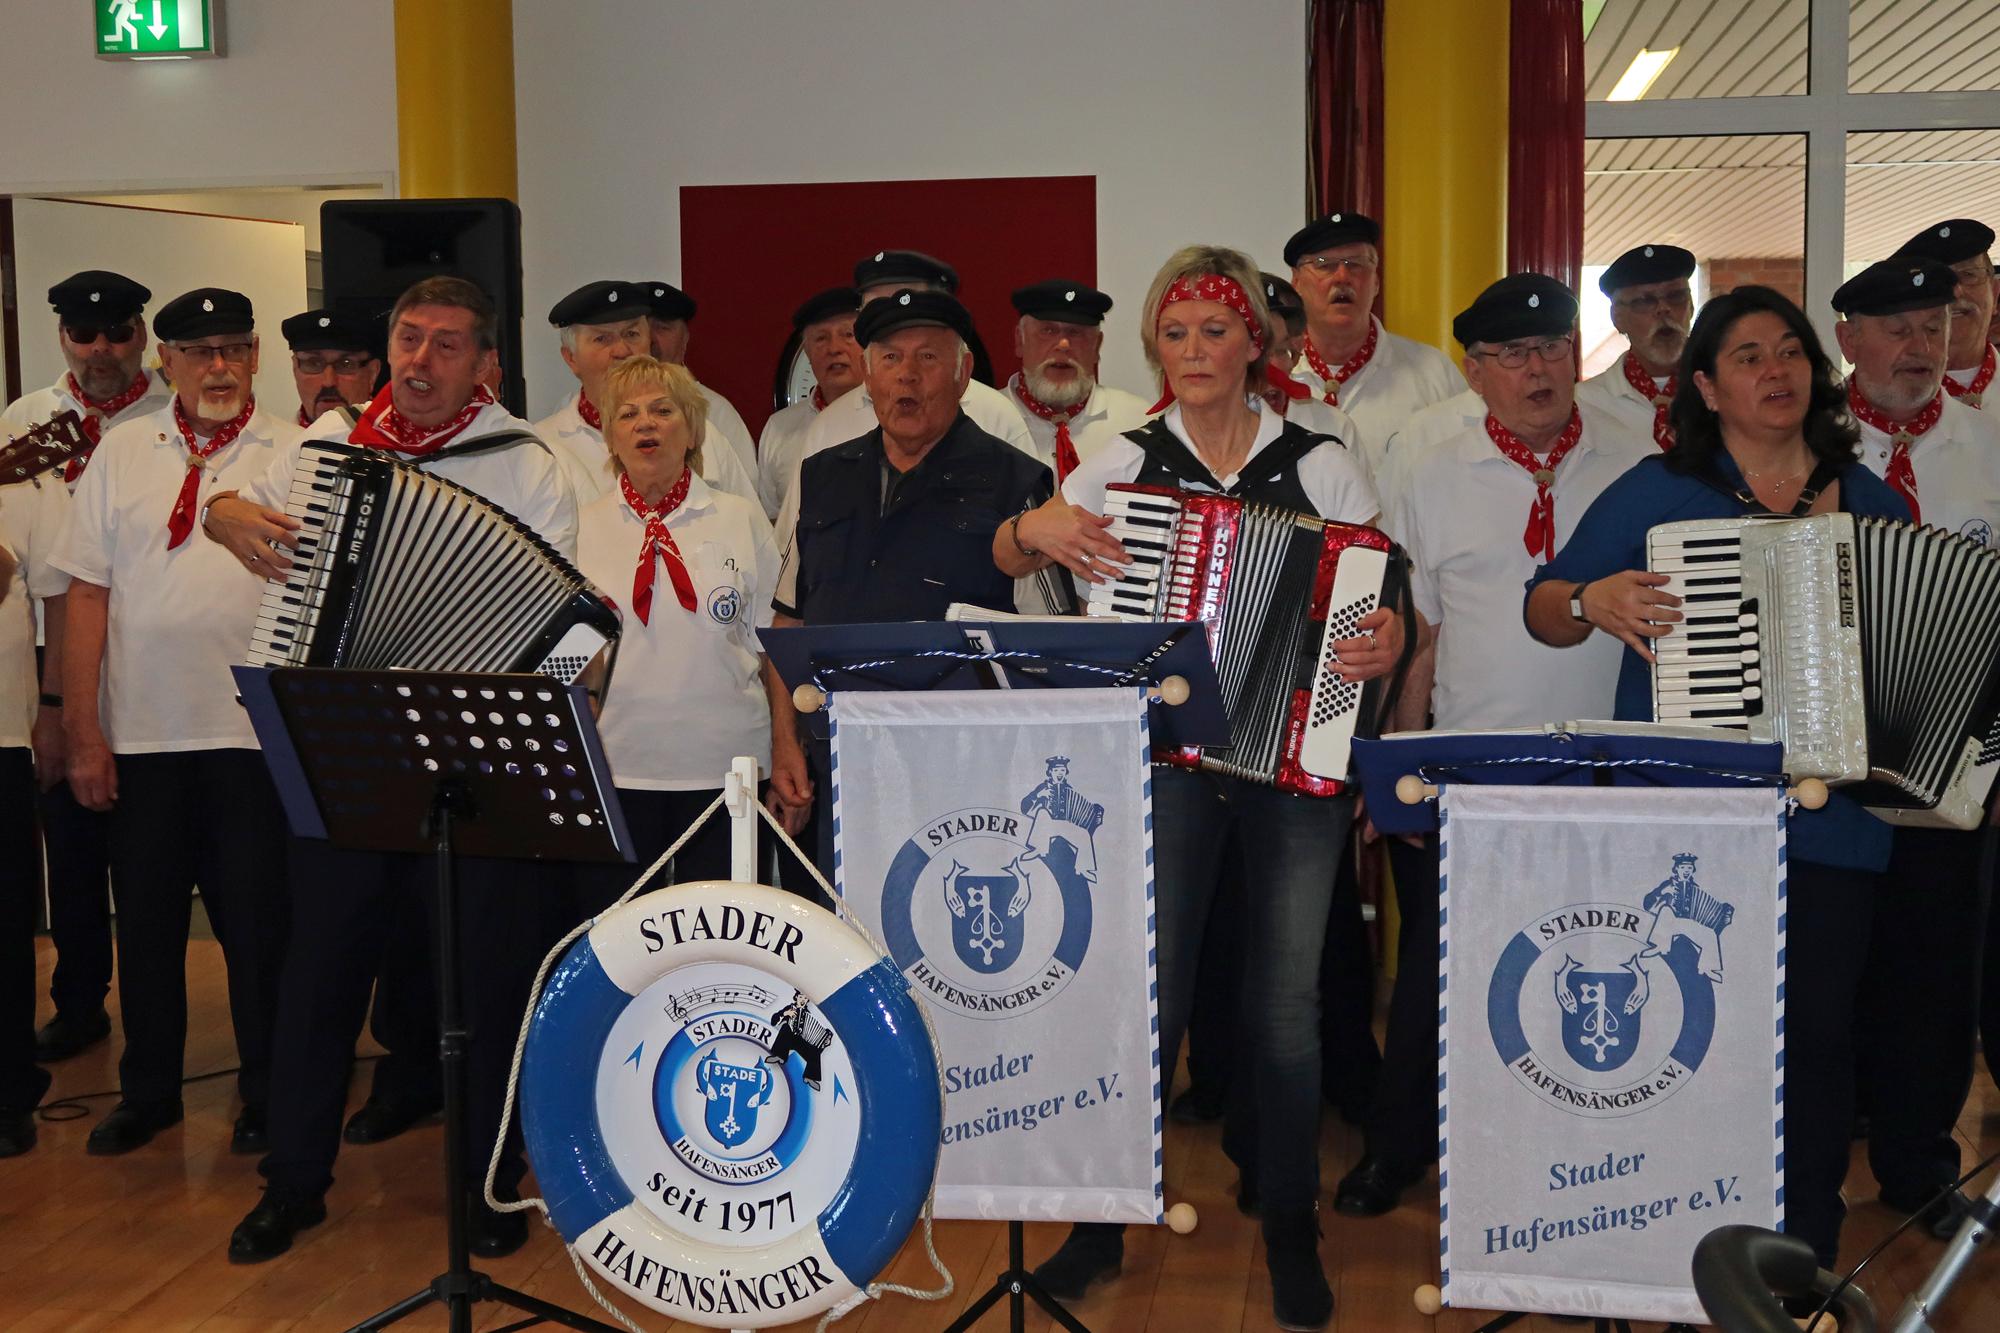 Werner Huth (Gründungsmitglied, (Mitte) hatte viel spaß beim mitsingen